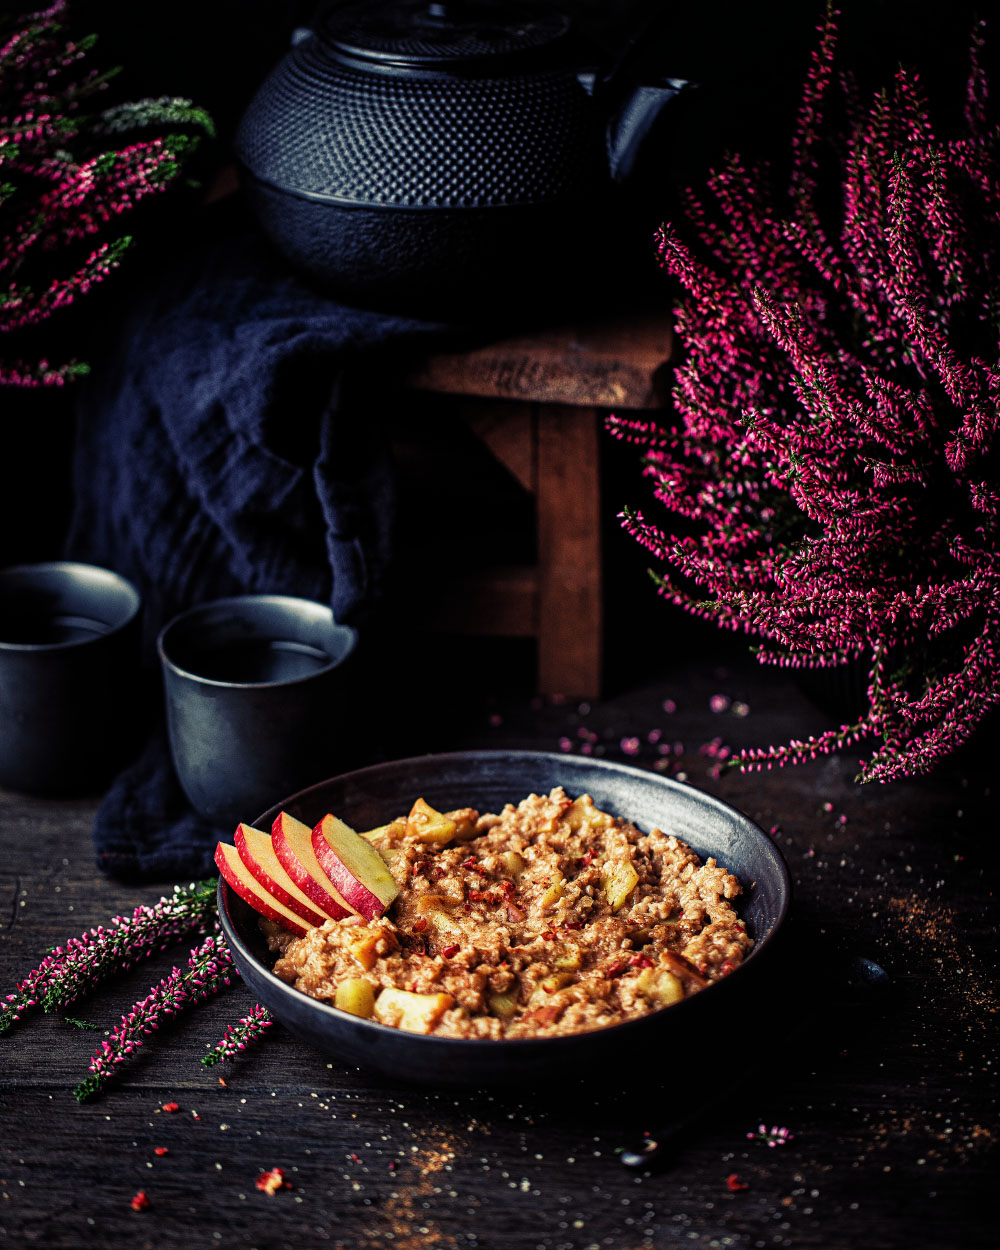 Apfel-Zimt porridge einfaches rezept vegan gesund frühstücken